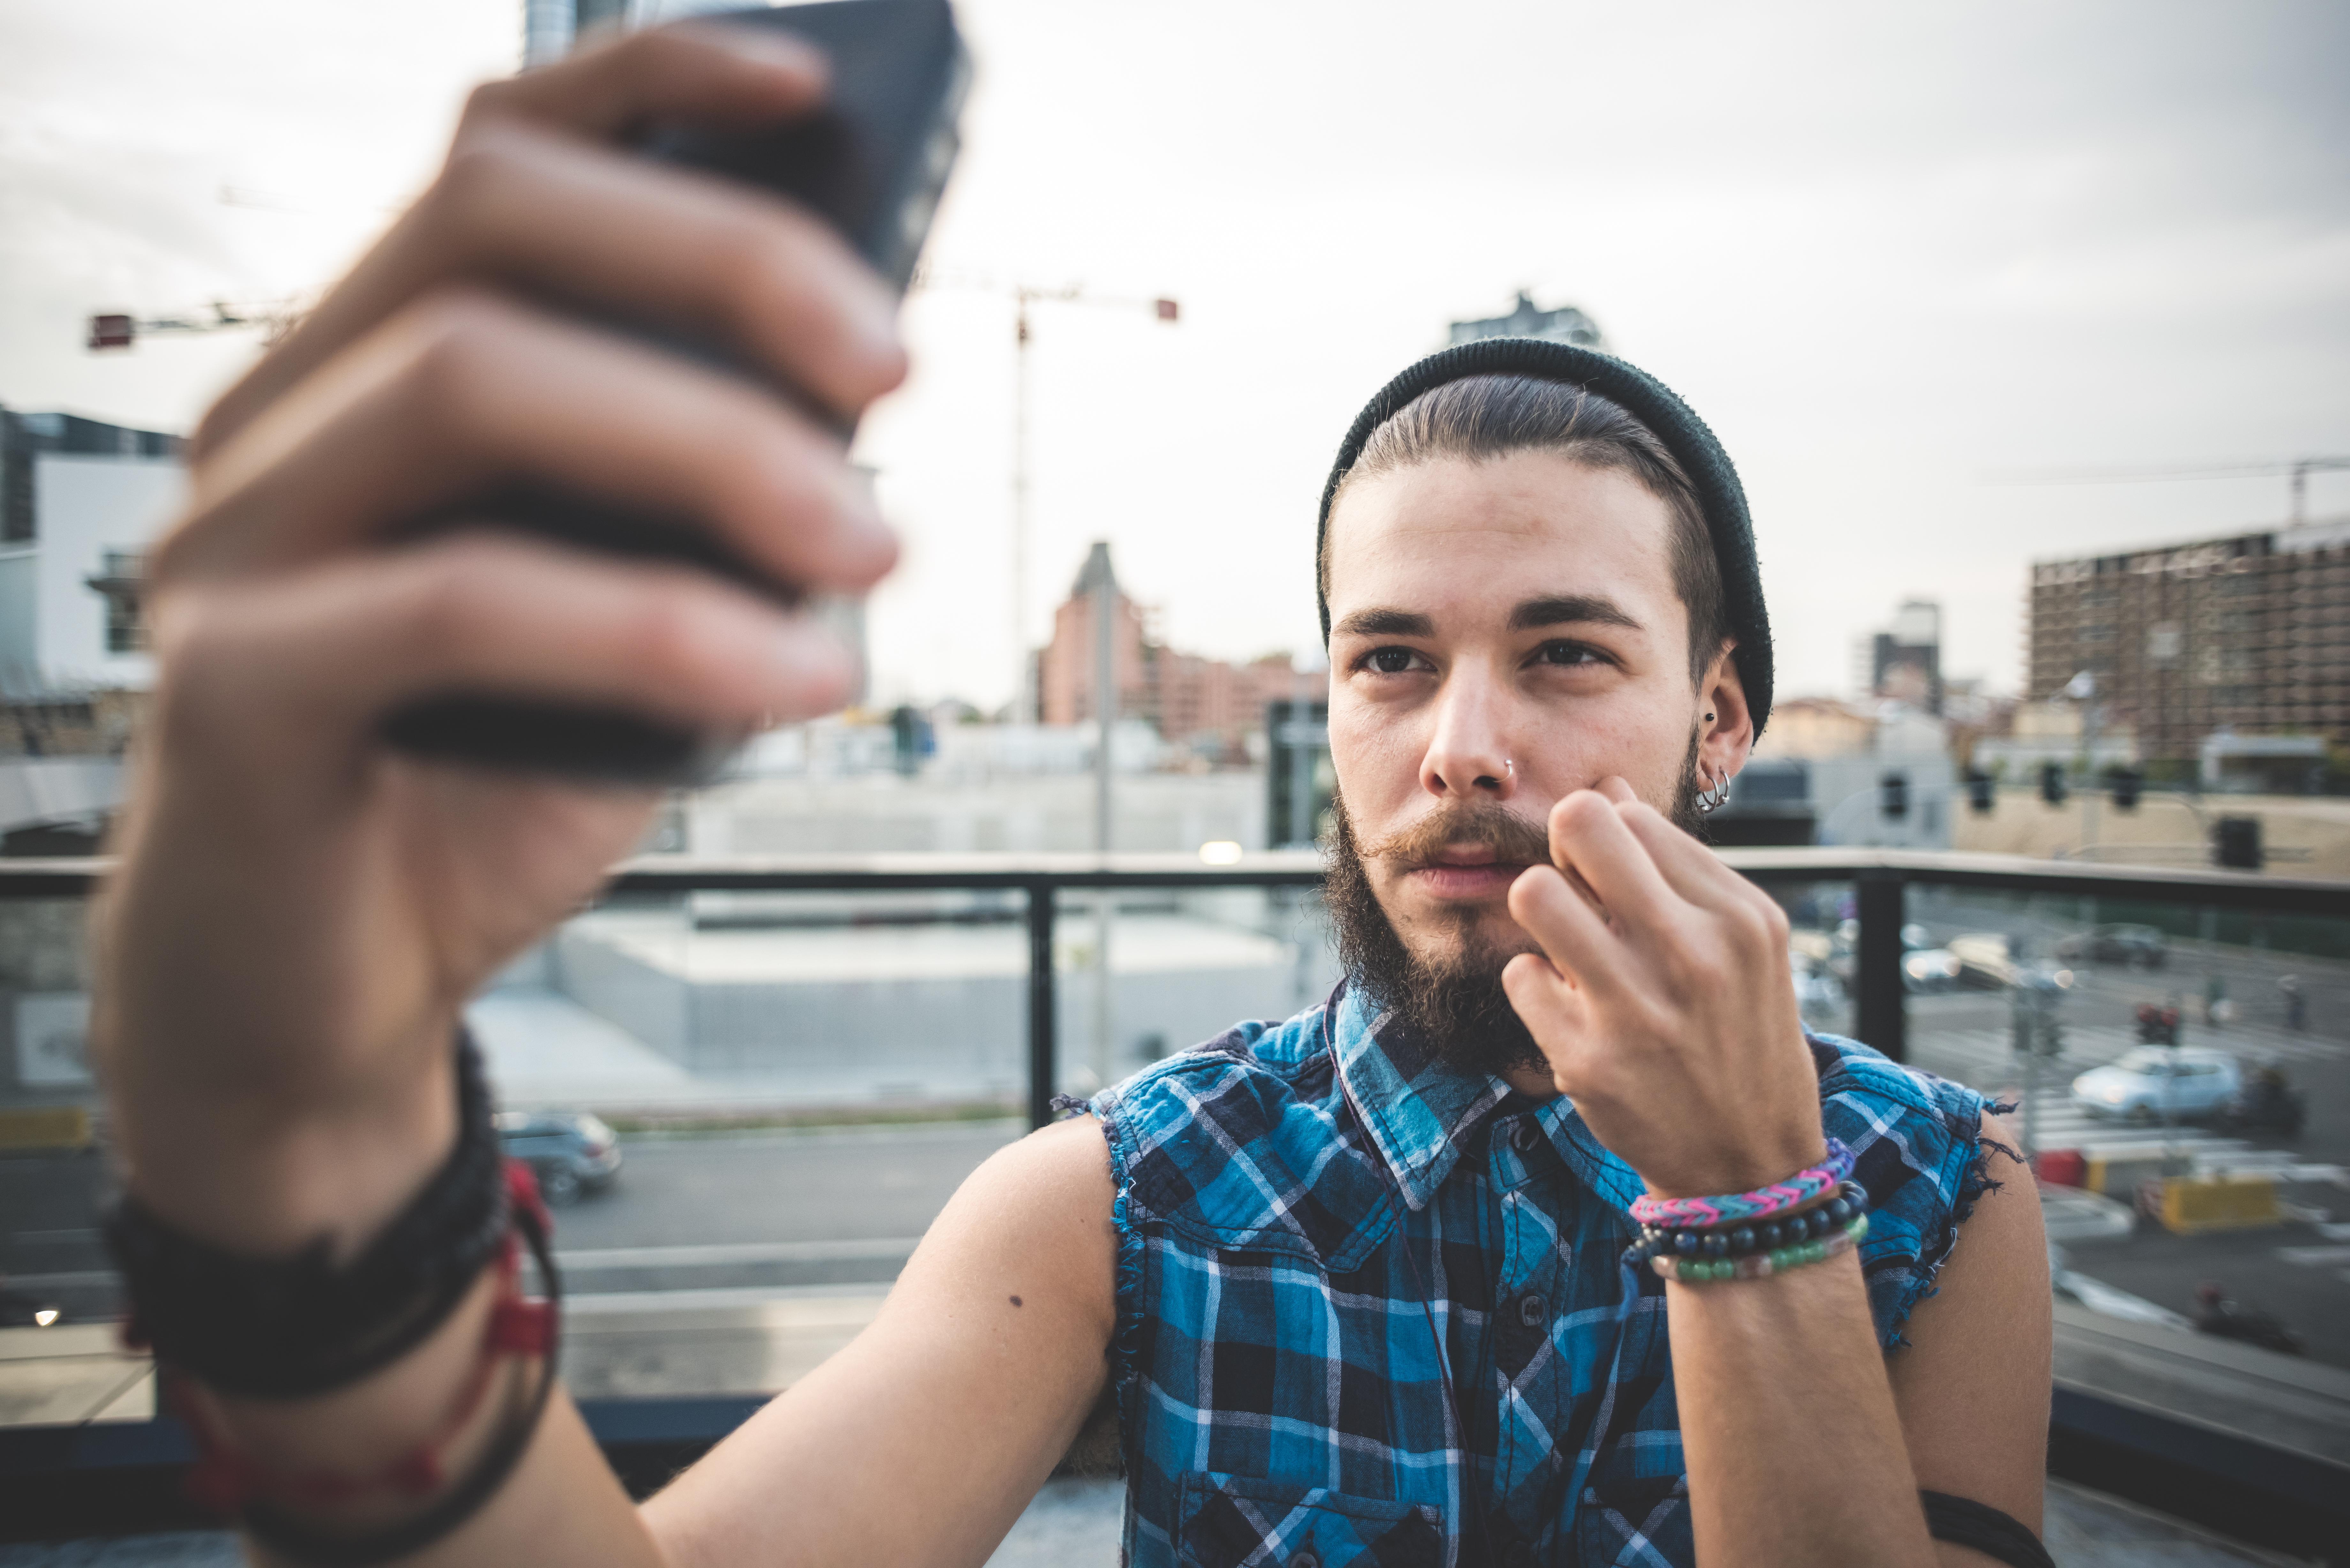 homme selfie hipster